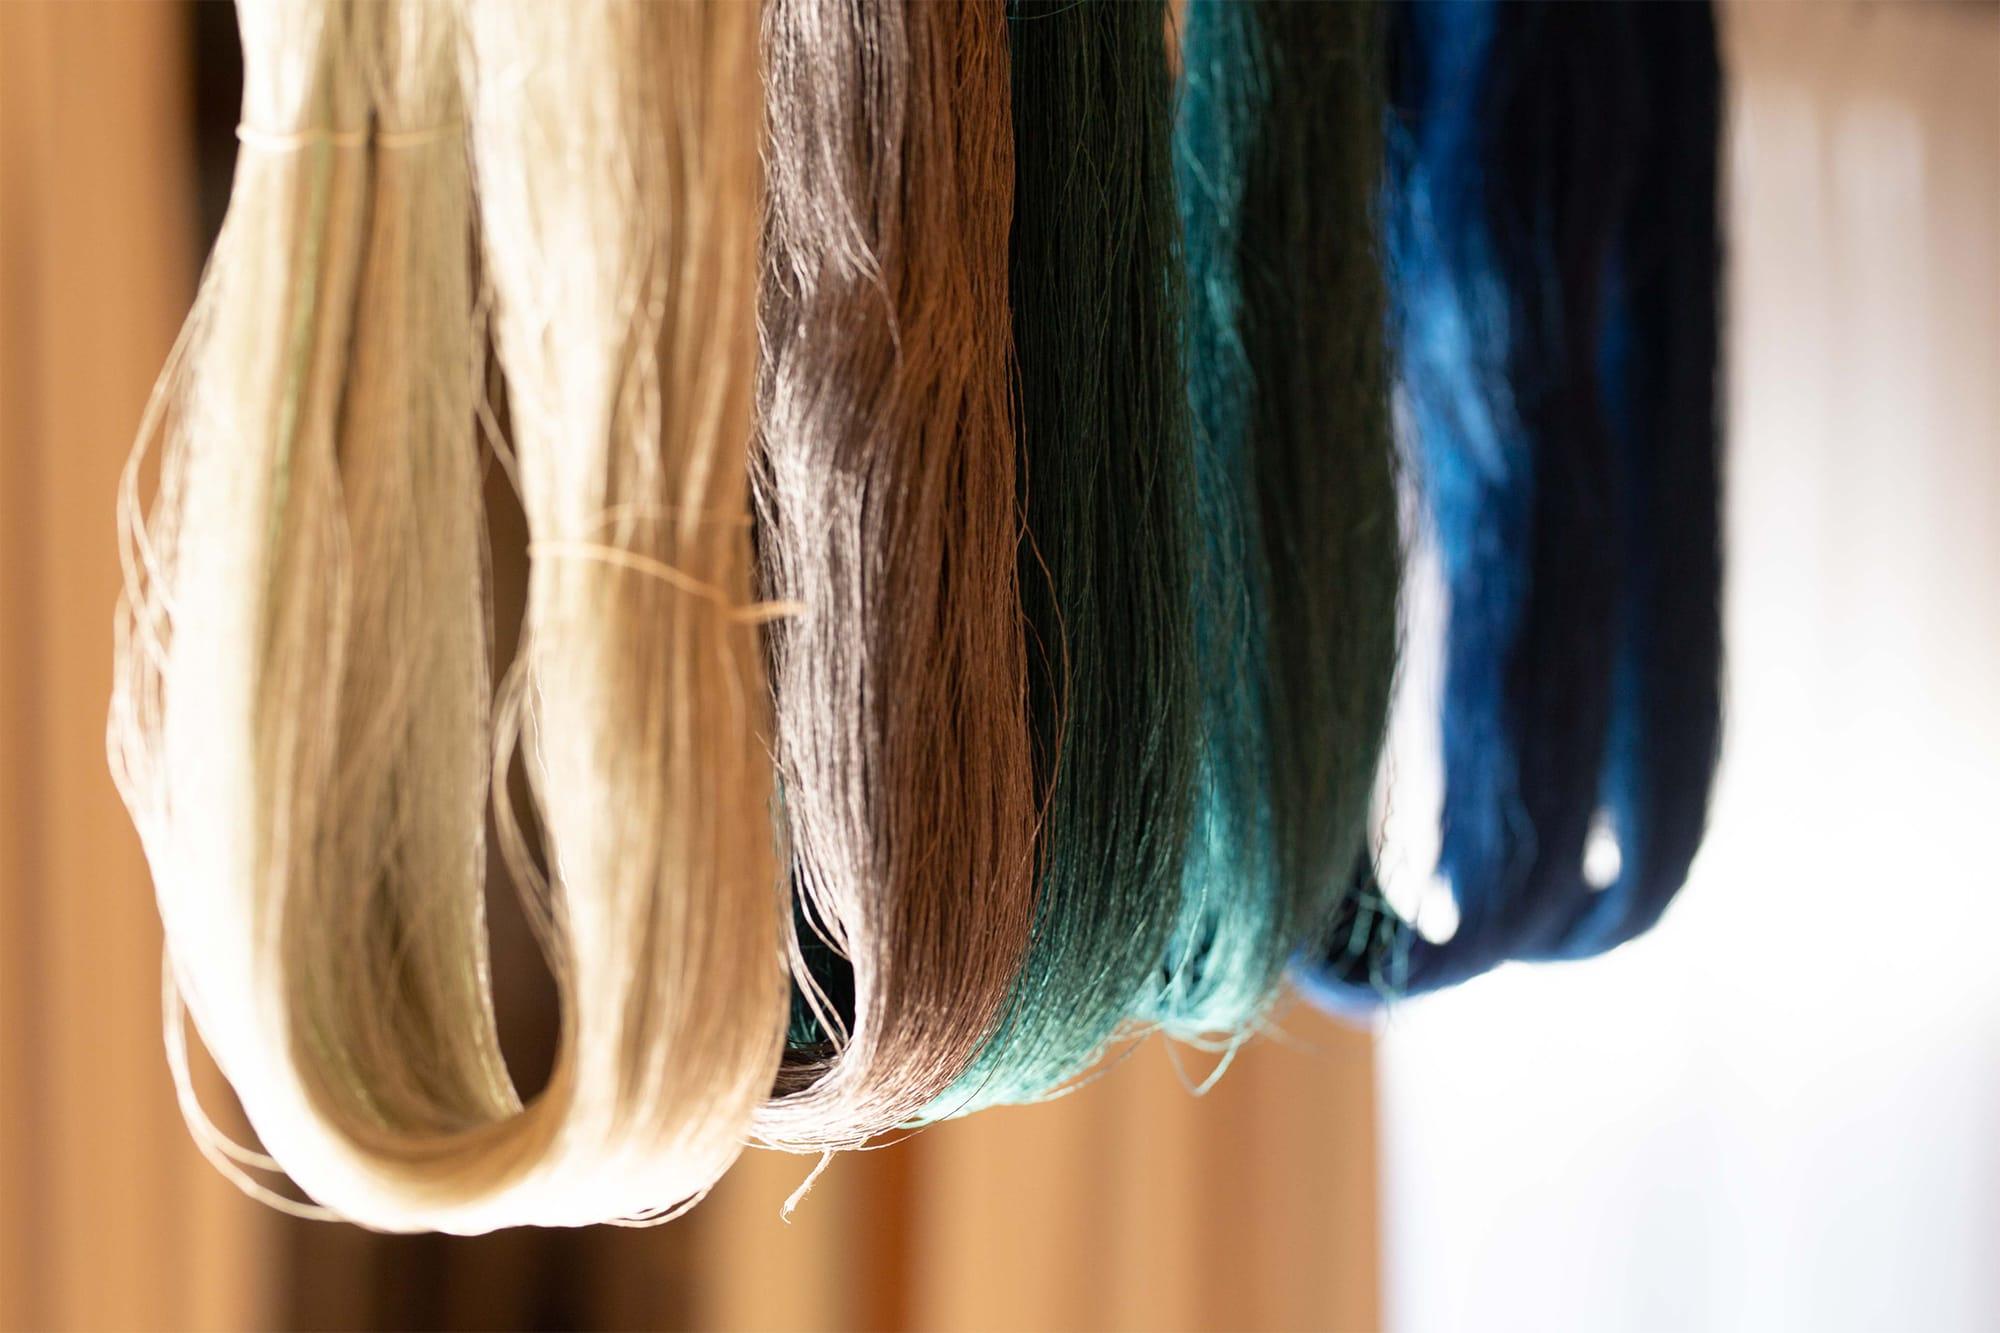 染め上がった色糸は、太陽の光と自然の風にさらすことで、色彩はさらに強い生命力を帯びてゆく。命の輝きが、そこに凝縮されているのが感じられる。